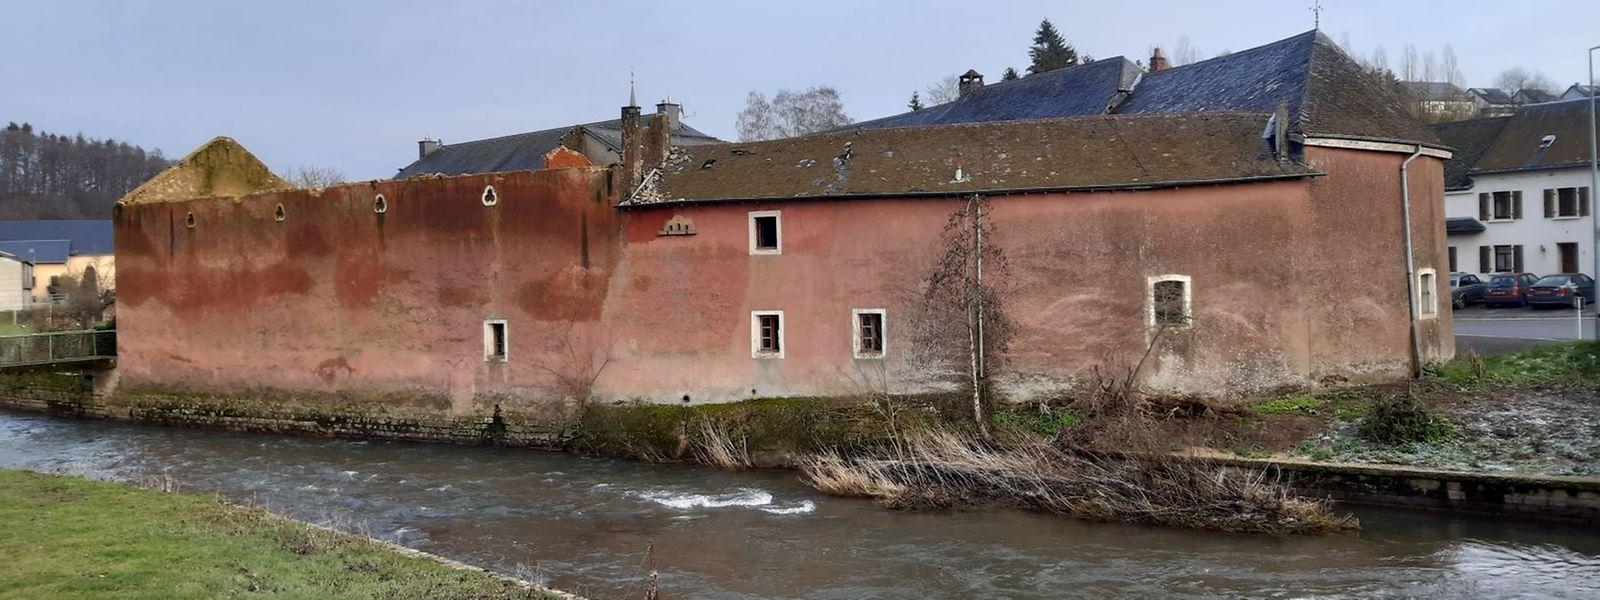 """Seit Jahren zerfällt dieser """"Vierkanthof"""" in Boewingen/Attert, der bereits im Kataster von 1824 vermerkt ist und in dem der Archäologe Joseph Hackin geboren wurde."""